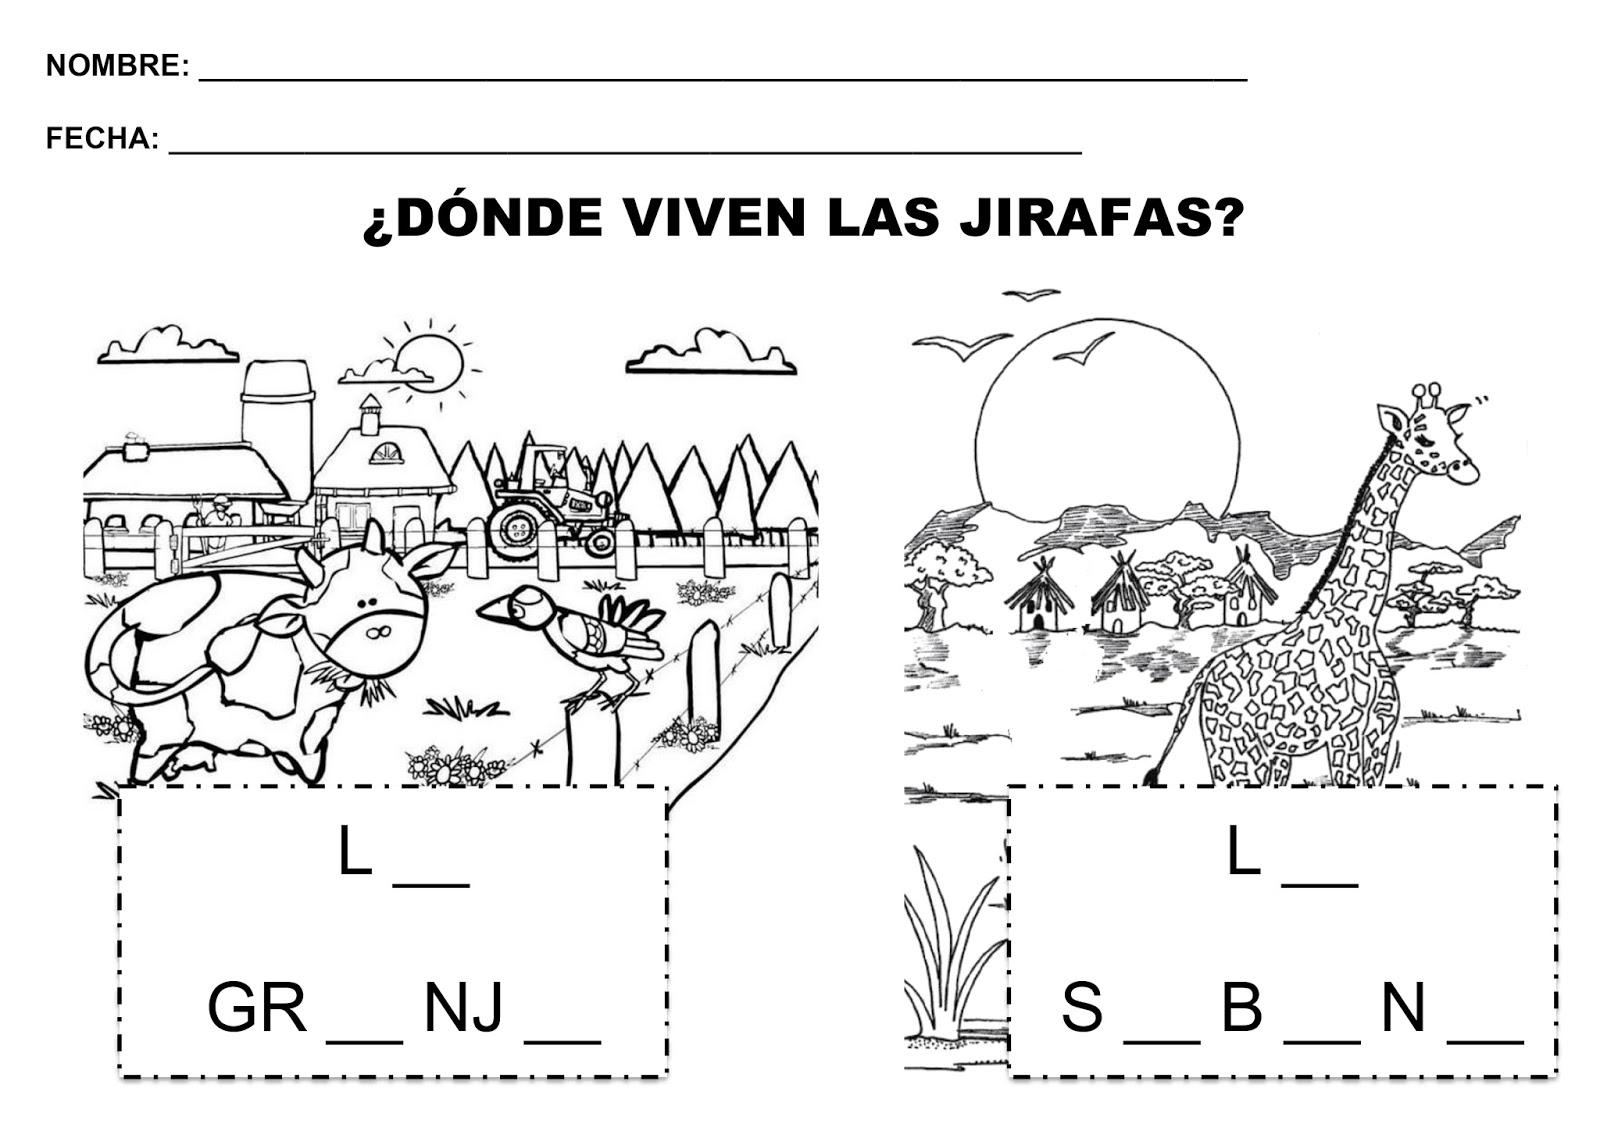 Trabajando con personitas: ¿Dónde viven LAS JIRAFAS?